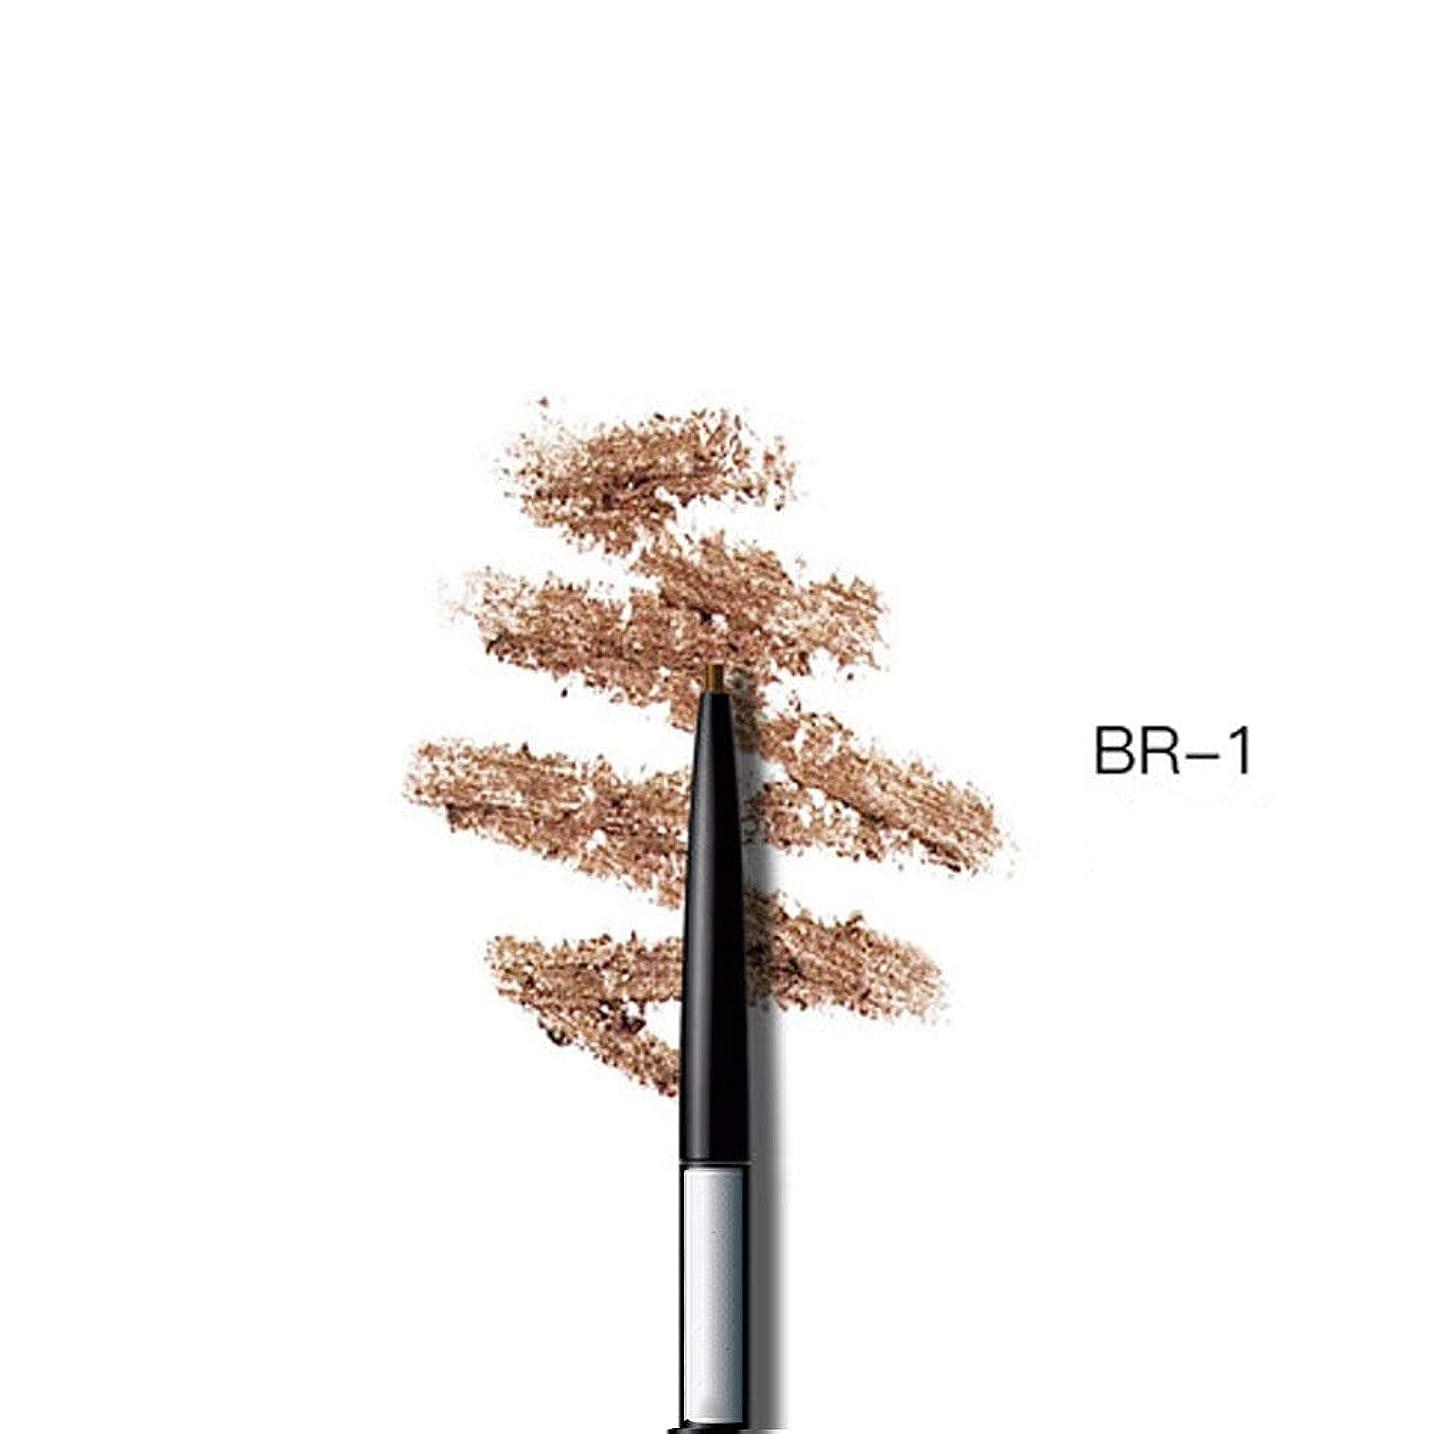 複雑でない脊椎騒ぎ眉ペンシル長持ち防水耐久性Automaricライナー眉7色を選択します (色 : Bright brown)